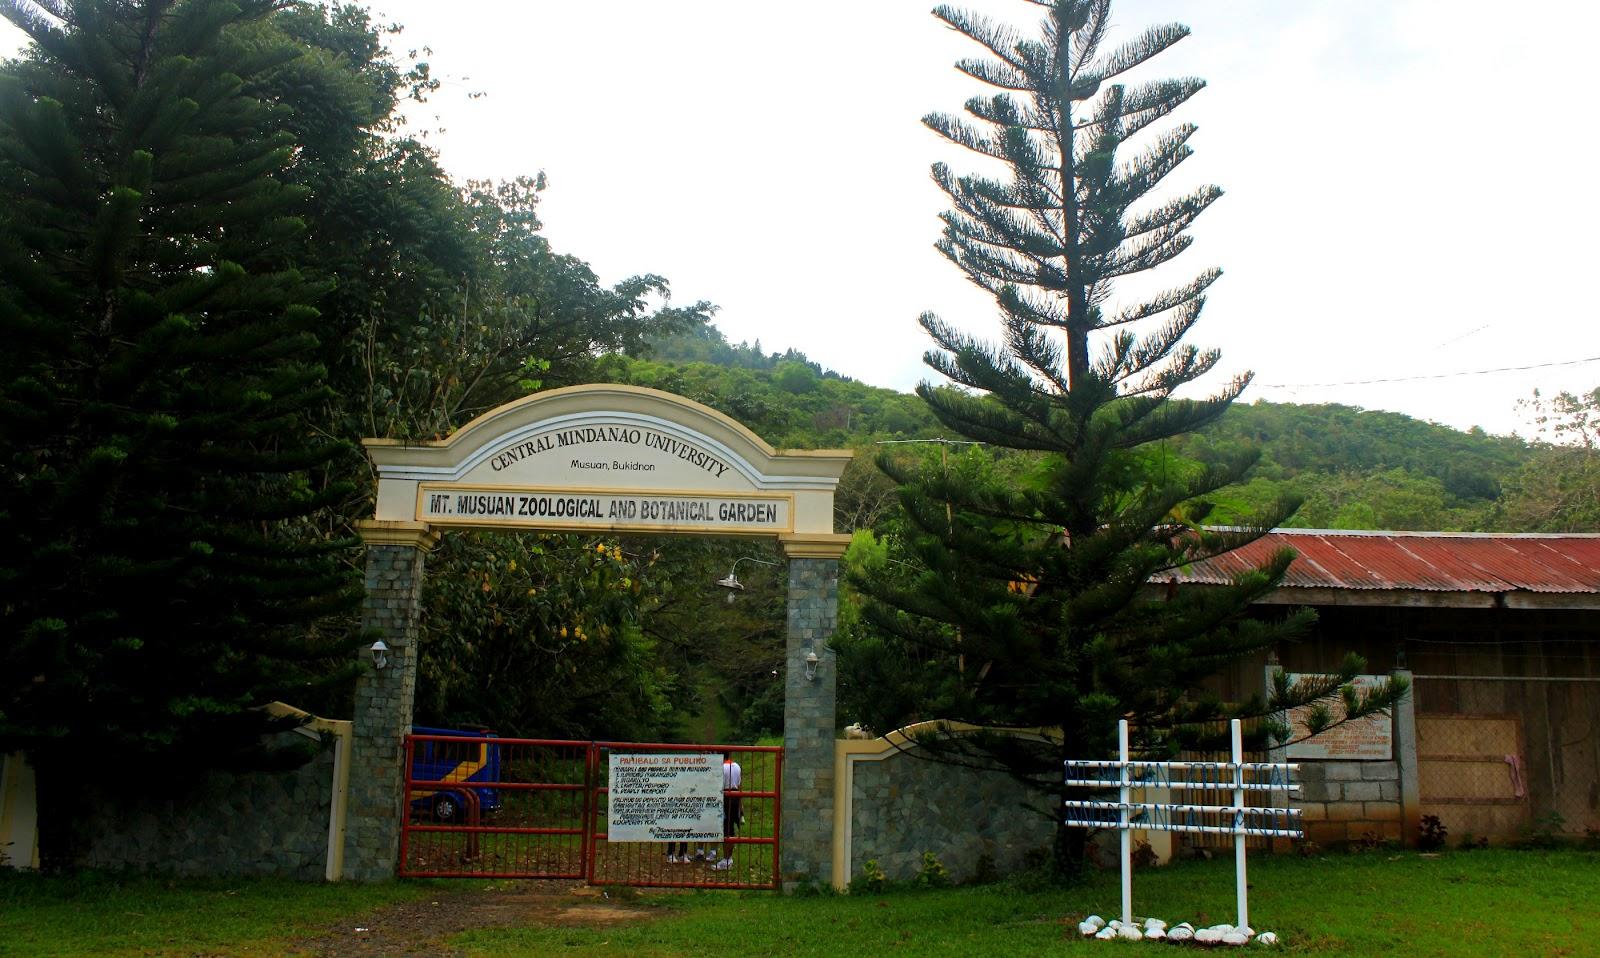 PHILIPPINEN REISEN - VULKANE - Touristische Beschreibung des Vulkans MusuanPHILIPPINEN REISEN - VULKANE - Touristische Beschreibung des Vulkans Musuan